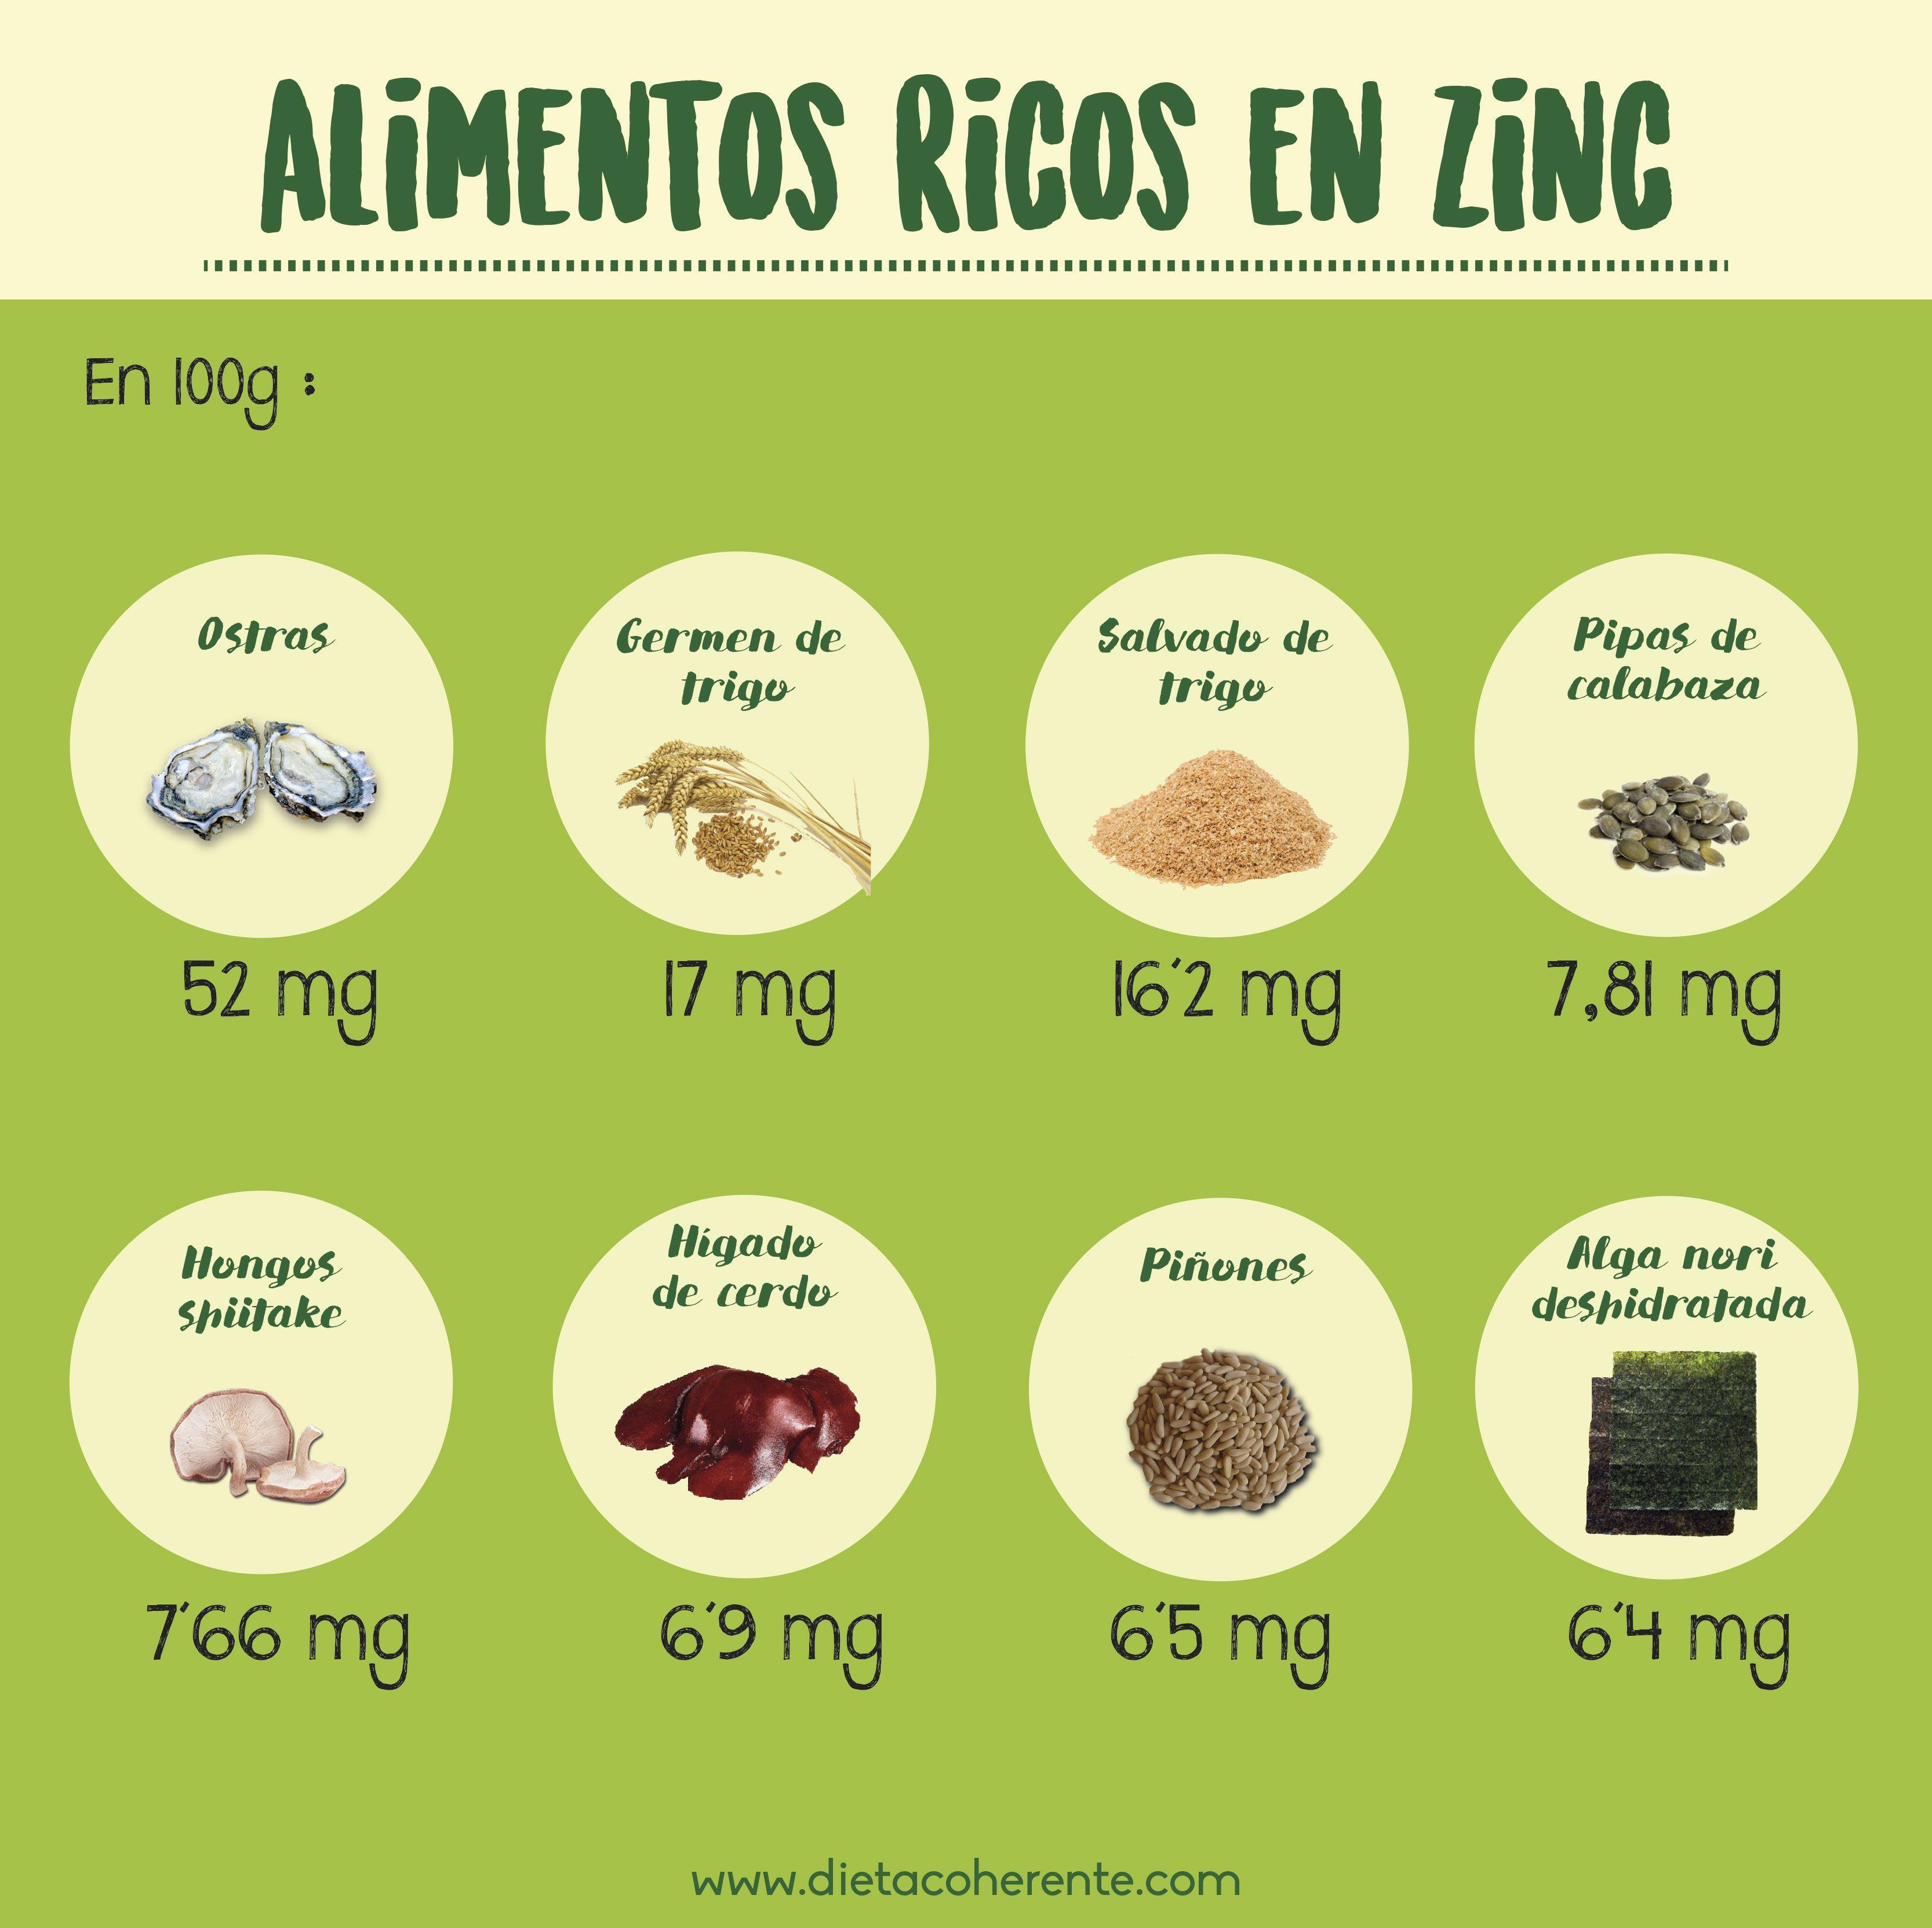 Alimentos ricos en zinc infograf as pinterest alimentos nutrici n y cuida tu salud - Alimentos naturales ricos en calcio ...